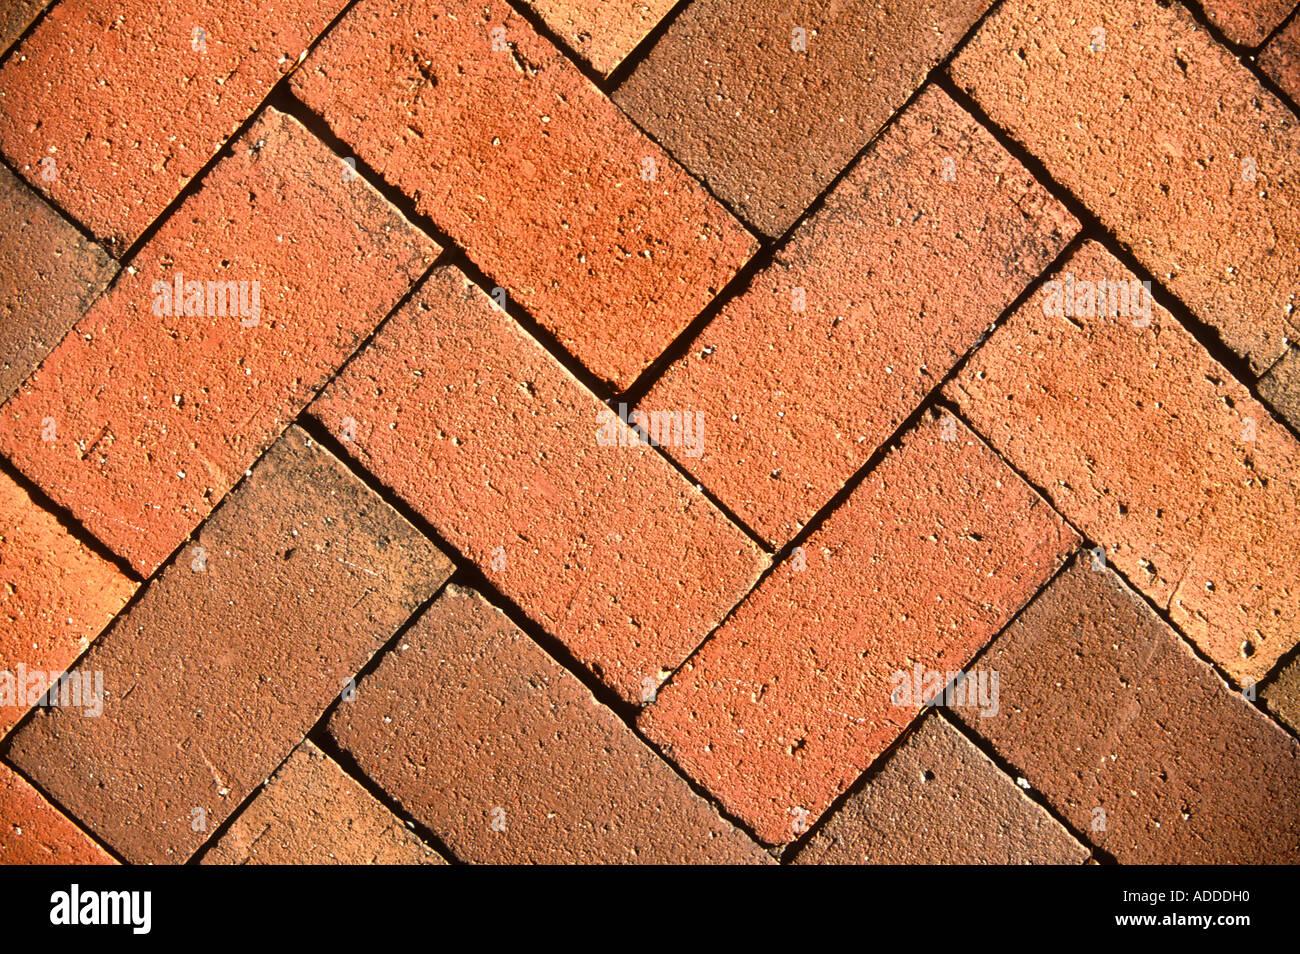 Fußboden Aus Ziegel ~ Ziegel fußboden stockfoto bild alamy